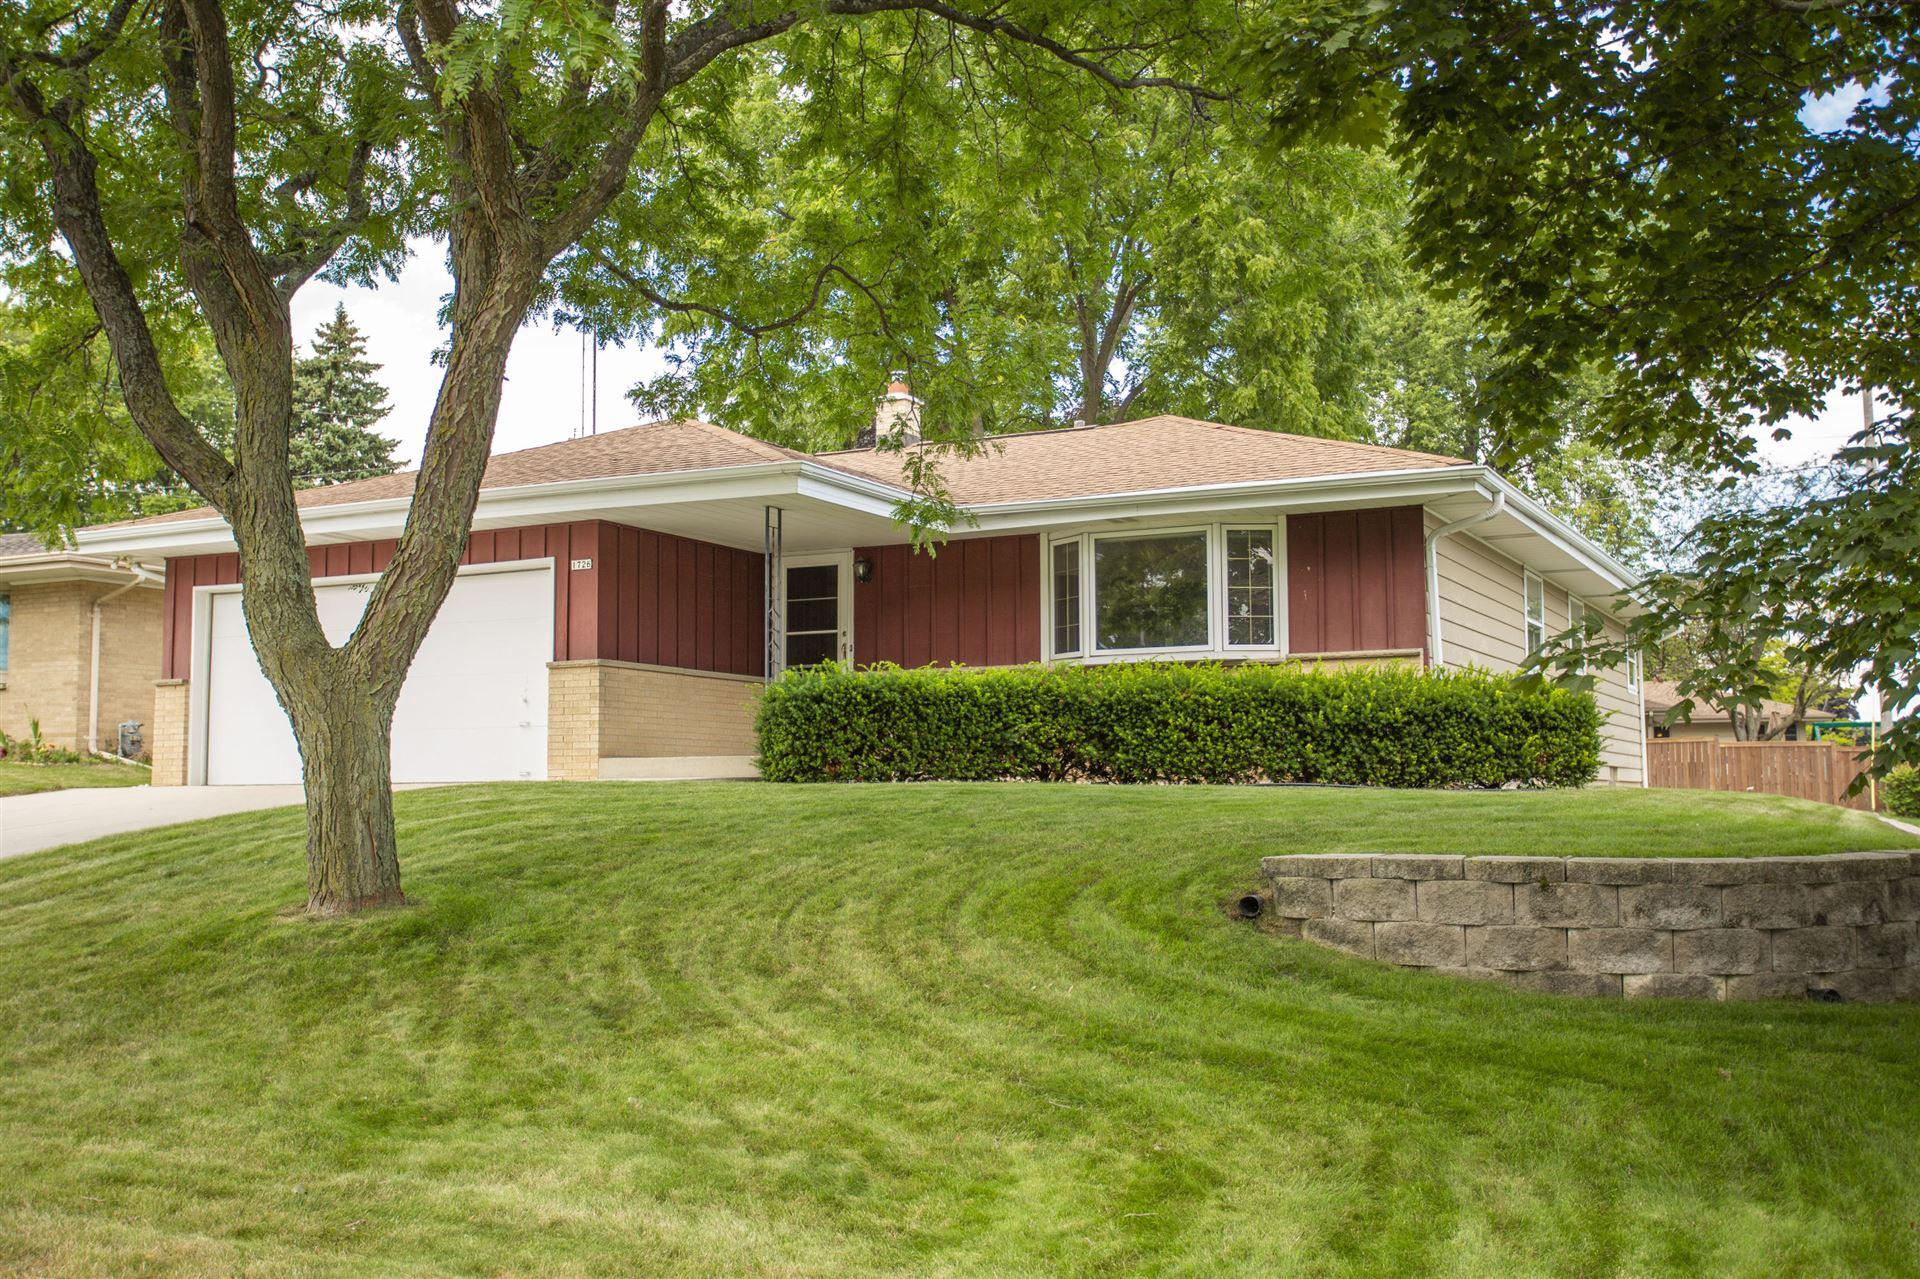 1726 Hickory St, South Milwaukee, WI 53172 - #: 1702666